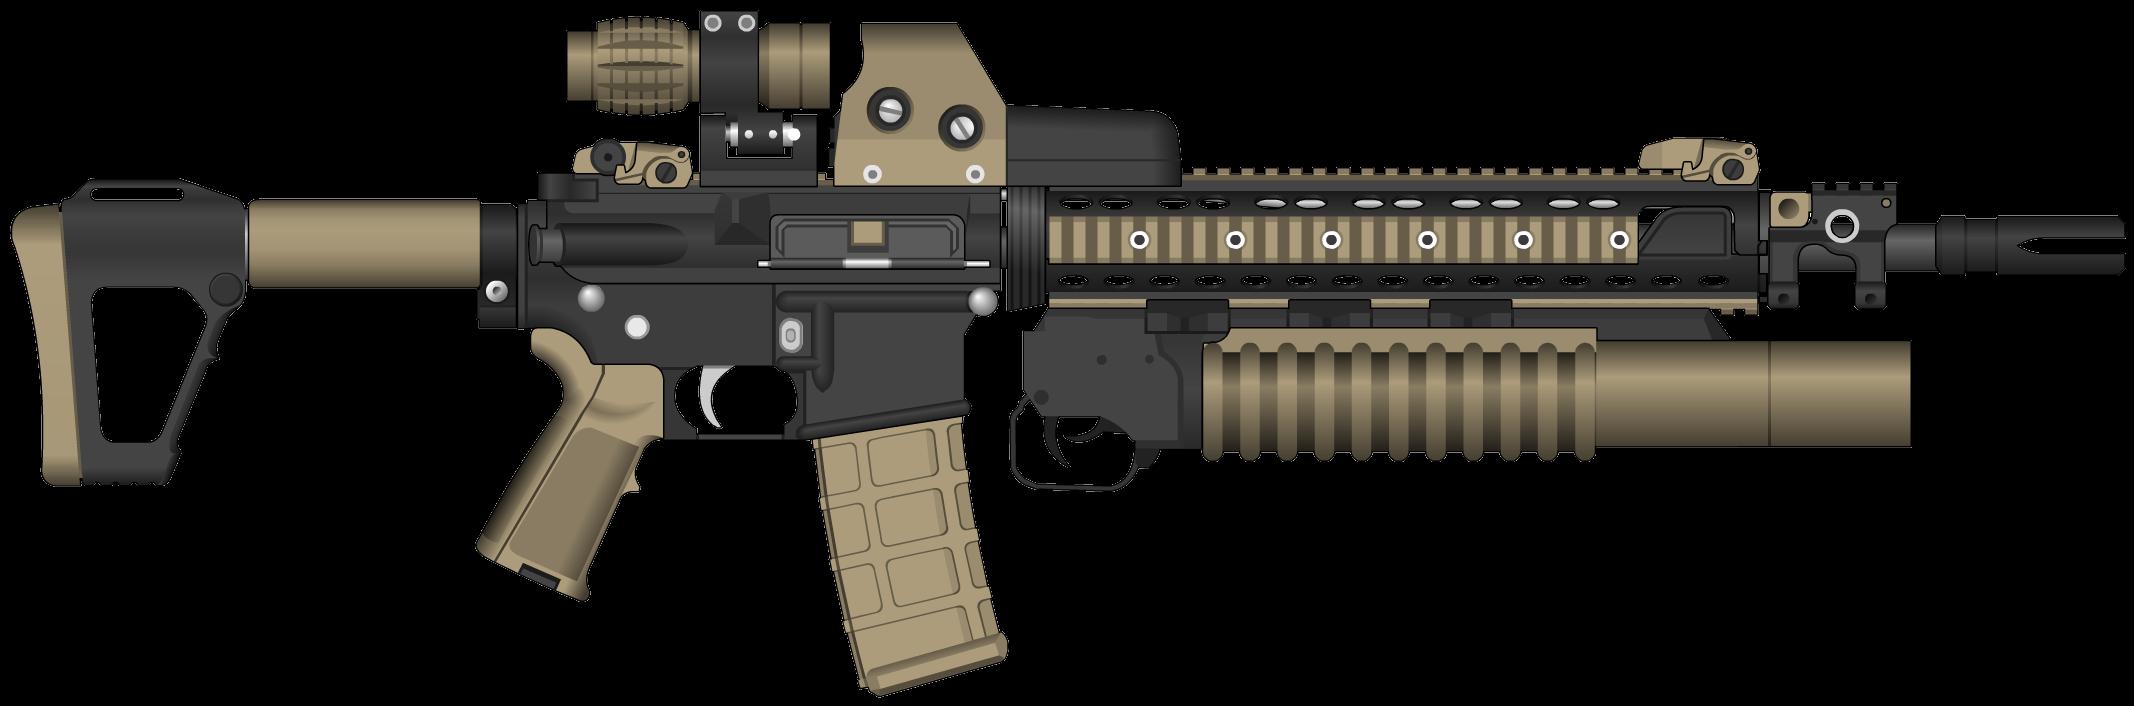 Assault rifle clipart transparent vector transparent stock Assault Rifle Clipart PNG Image - PurePNG | Free transparent CC0 PNG ... vector transparent stock